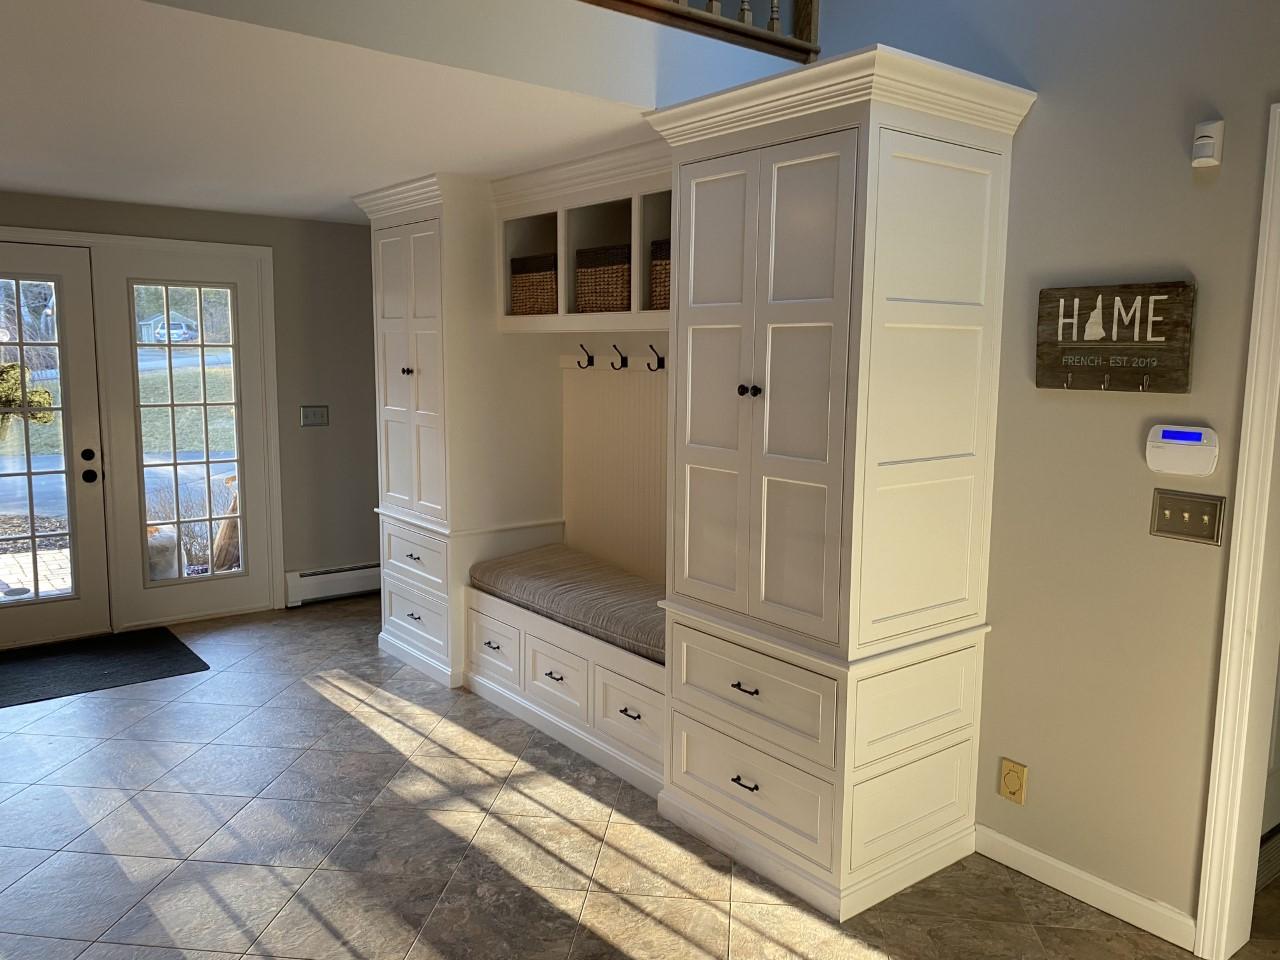 gregg-cabinet